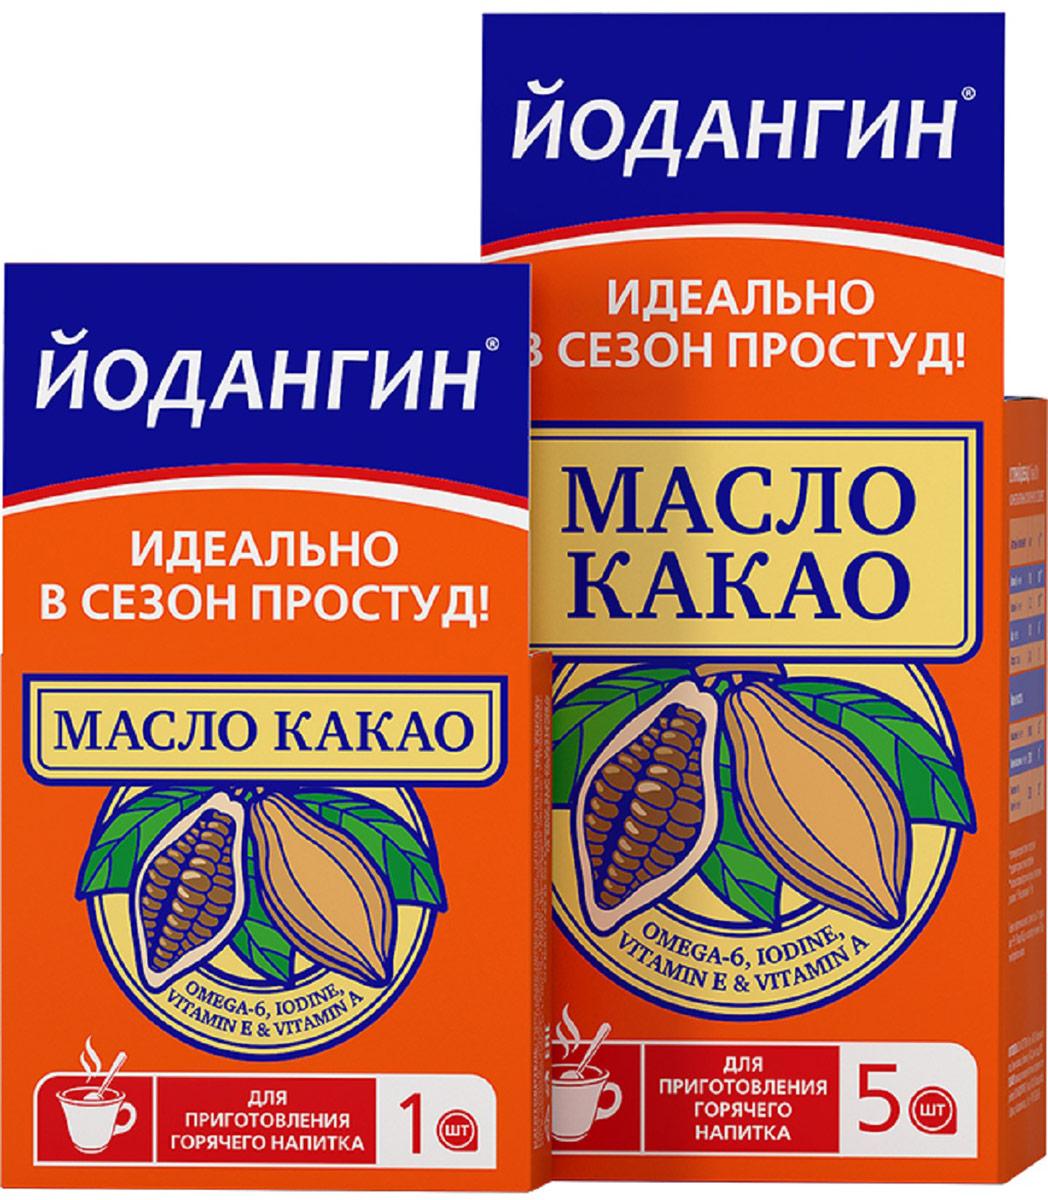 Йодангин масло какао банка 10г №5224062ООО АОС ПРОМ, Российская Федерация. Сфера применения: ОториноларингологияПротив гриппа и простуды